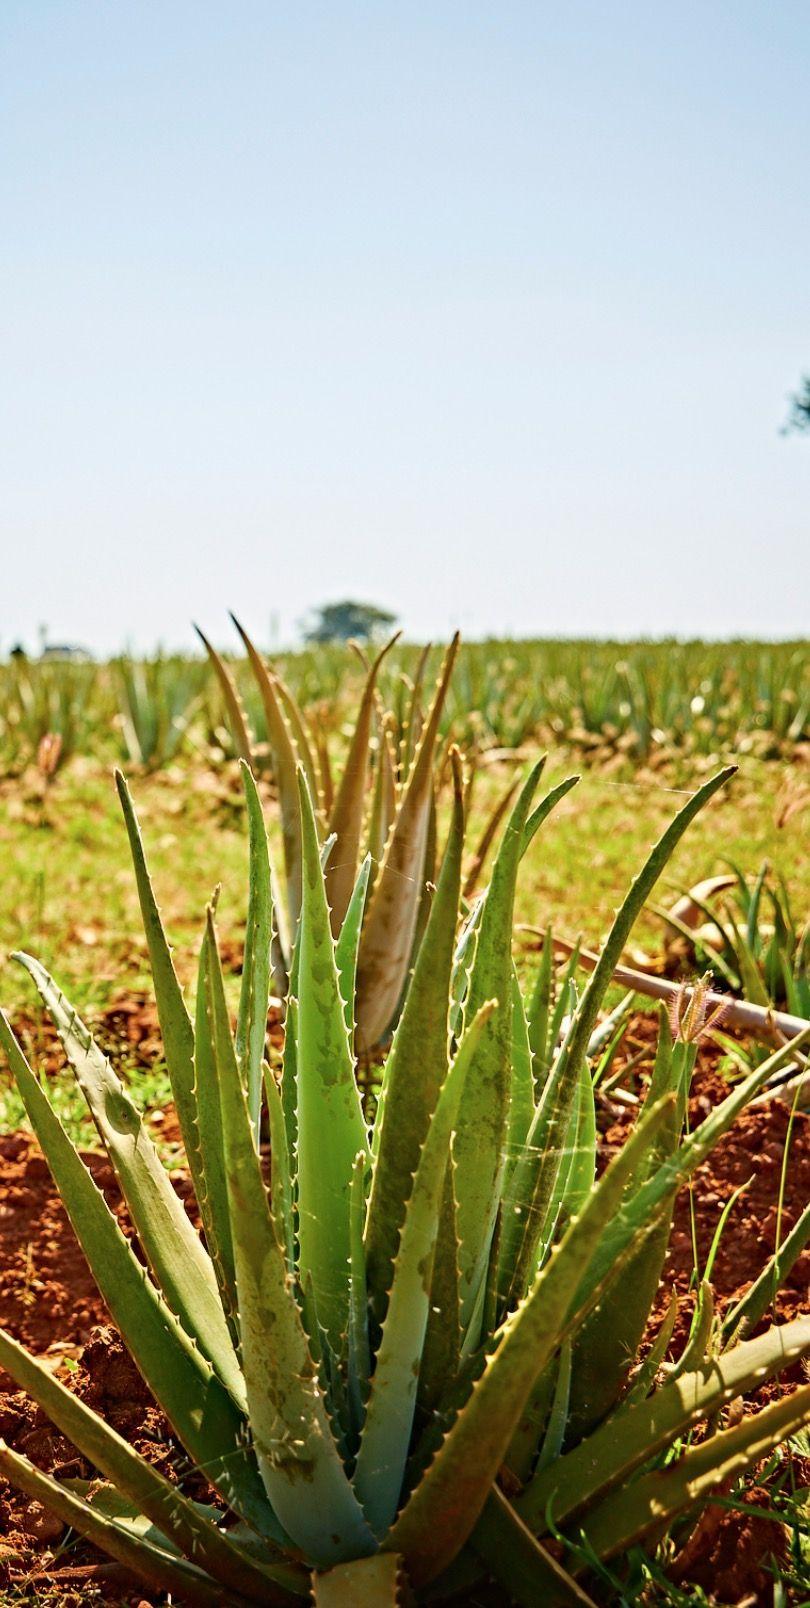 Image Plante Aloe Vera aloe vera : la plante aux 1000 vertus   aloe vera, plants, aloe